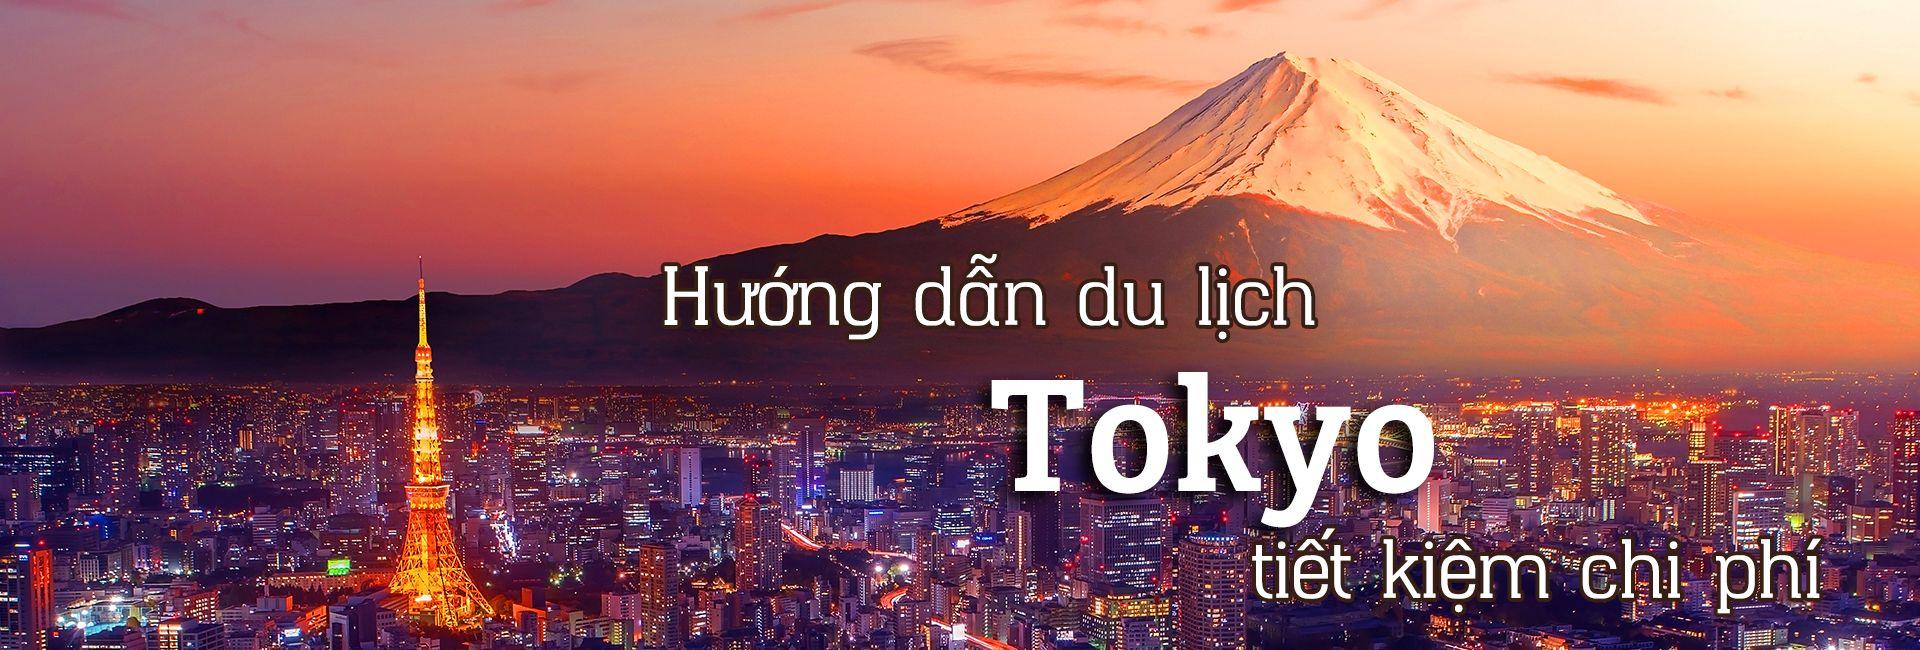 Hướng dẫn du lịch Tokyo tự túc tiết kiệm chi phí